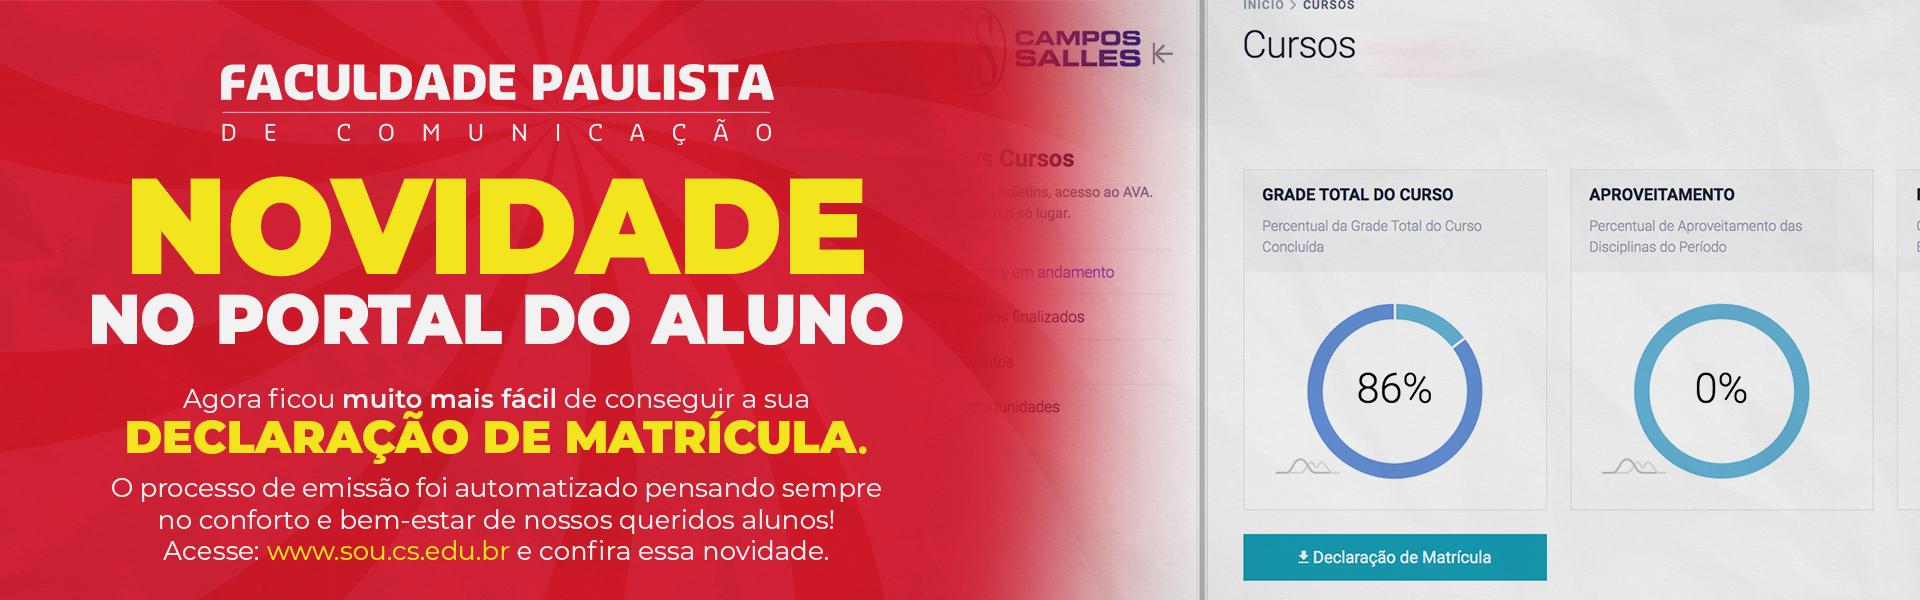 Banner-FPAC PORTAL DO ALUNO